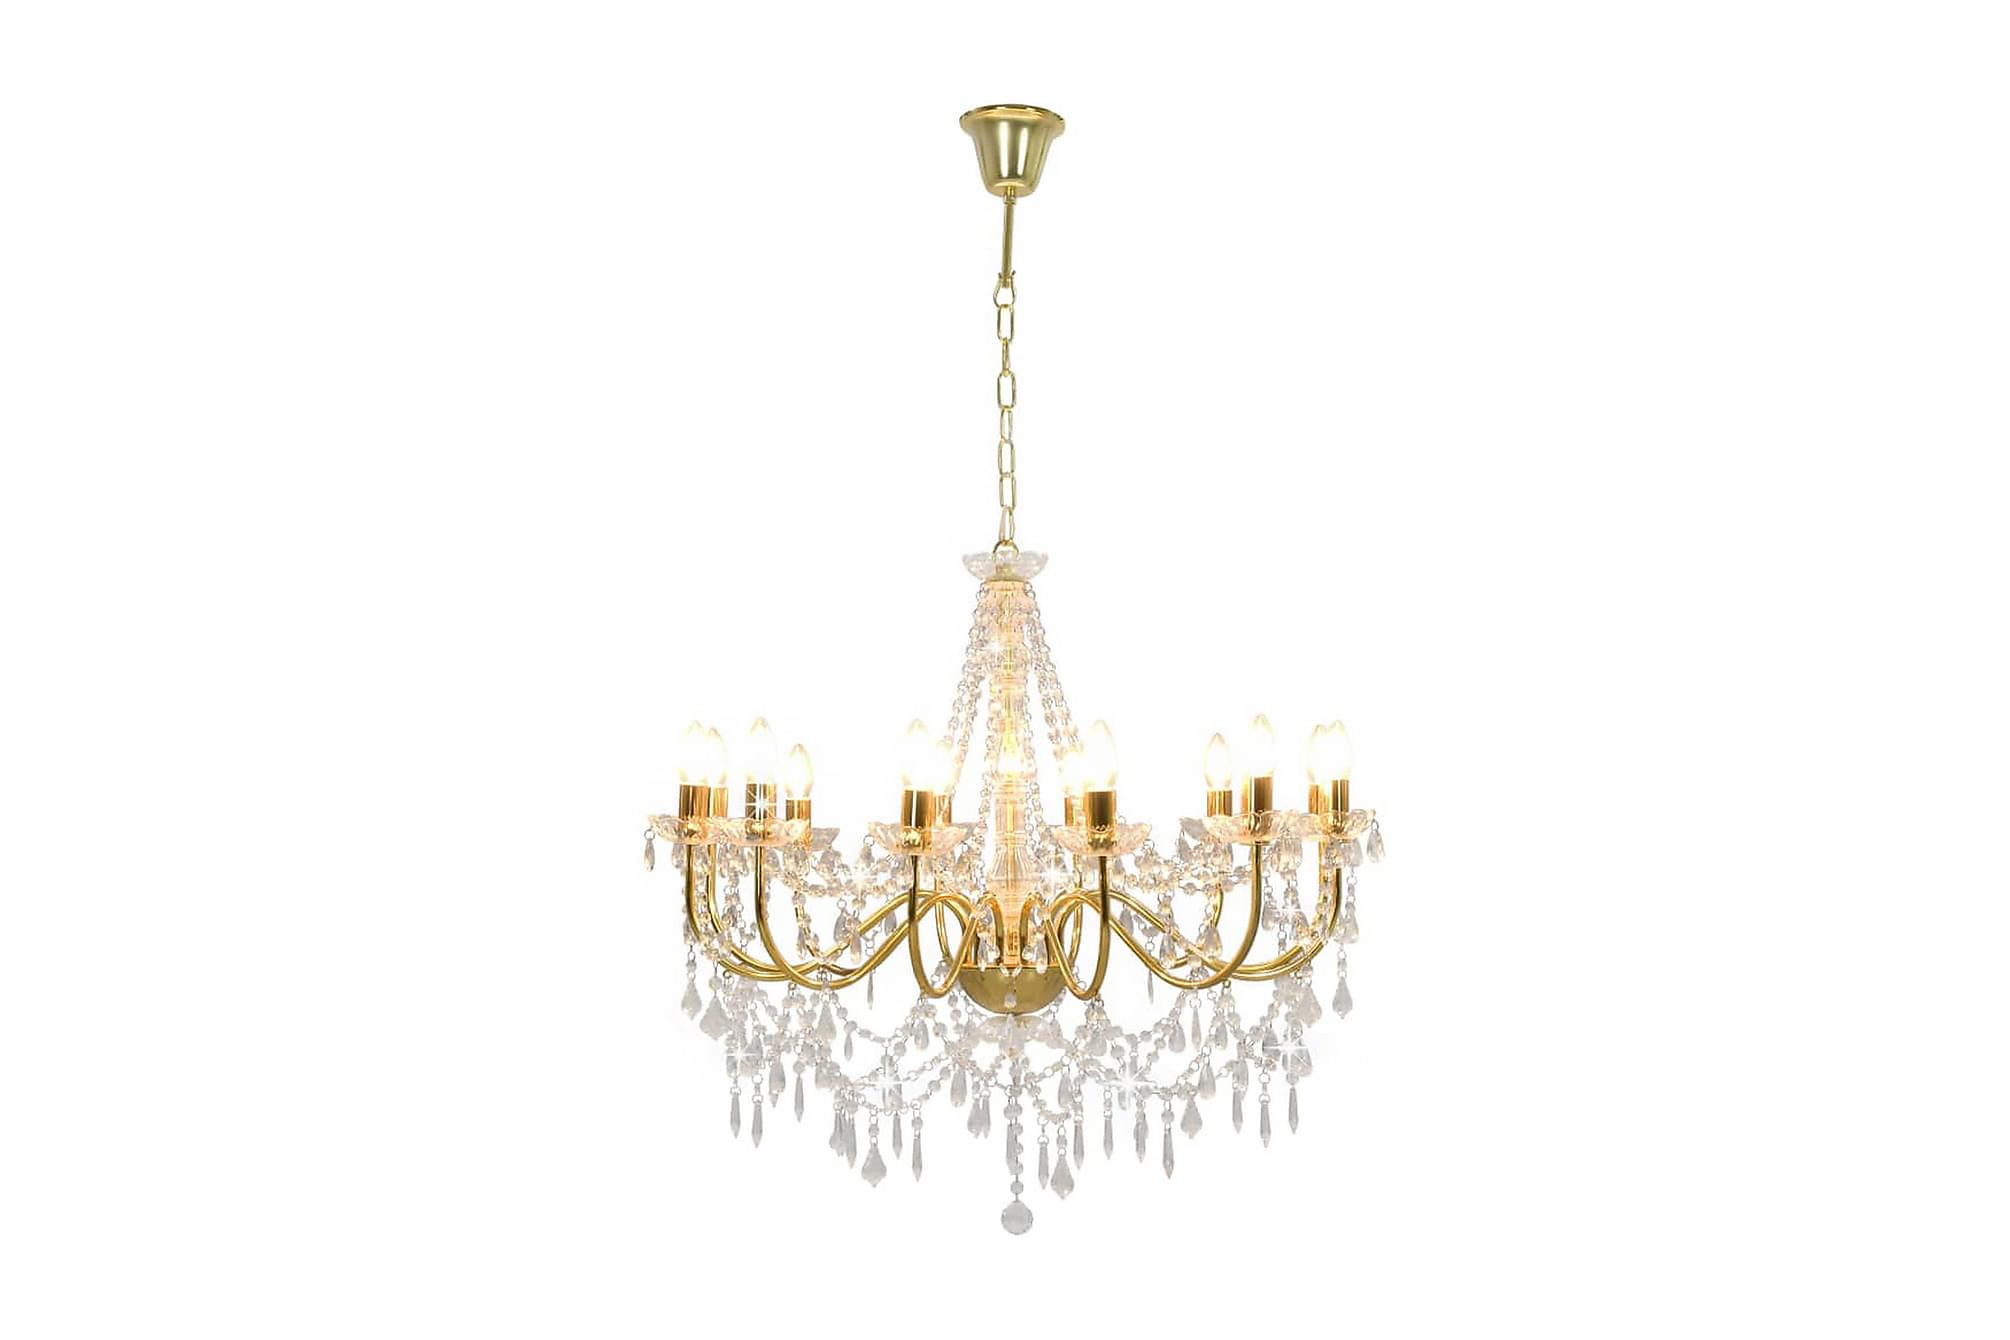 Takkrona med pärlor guld 12 x E14-glödlampor, Taklampor